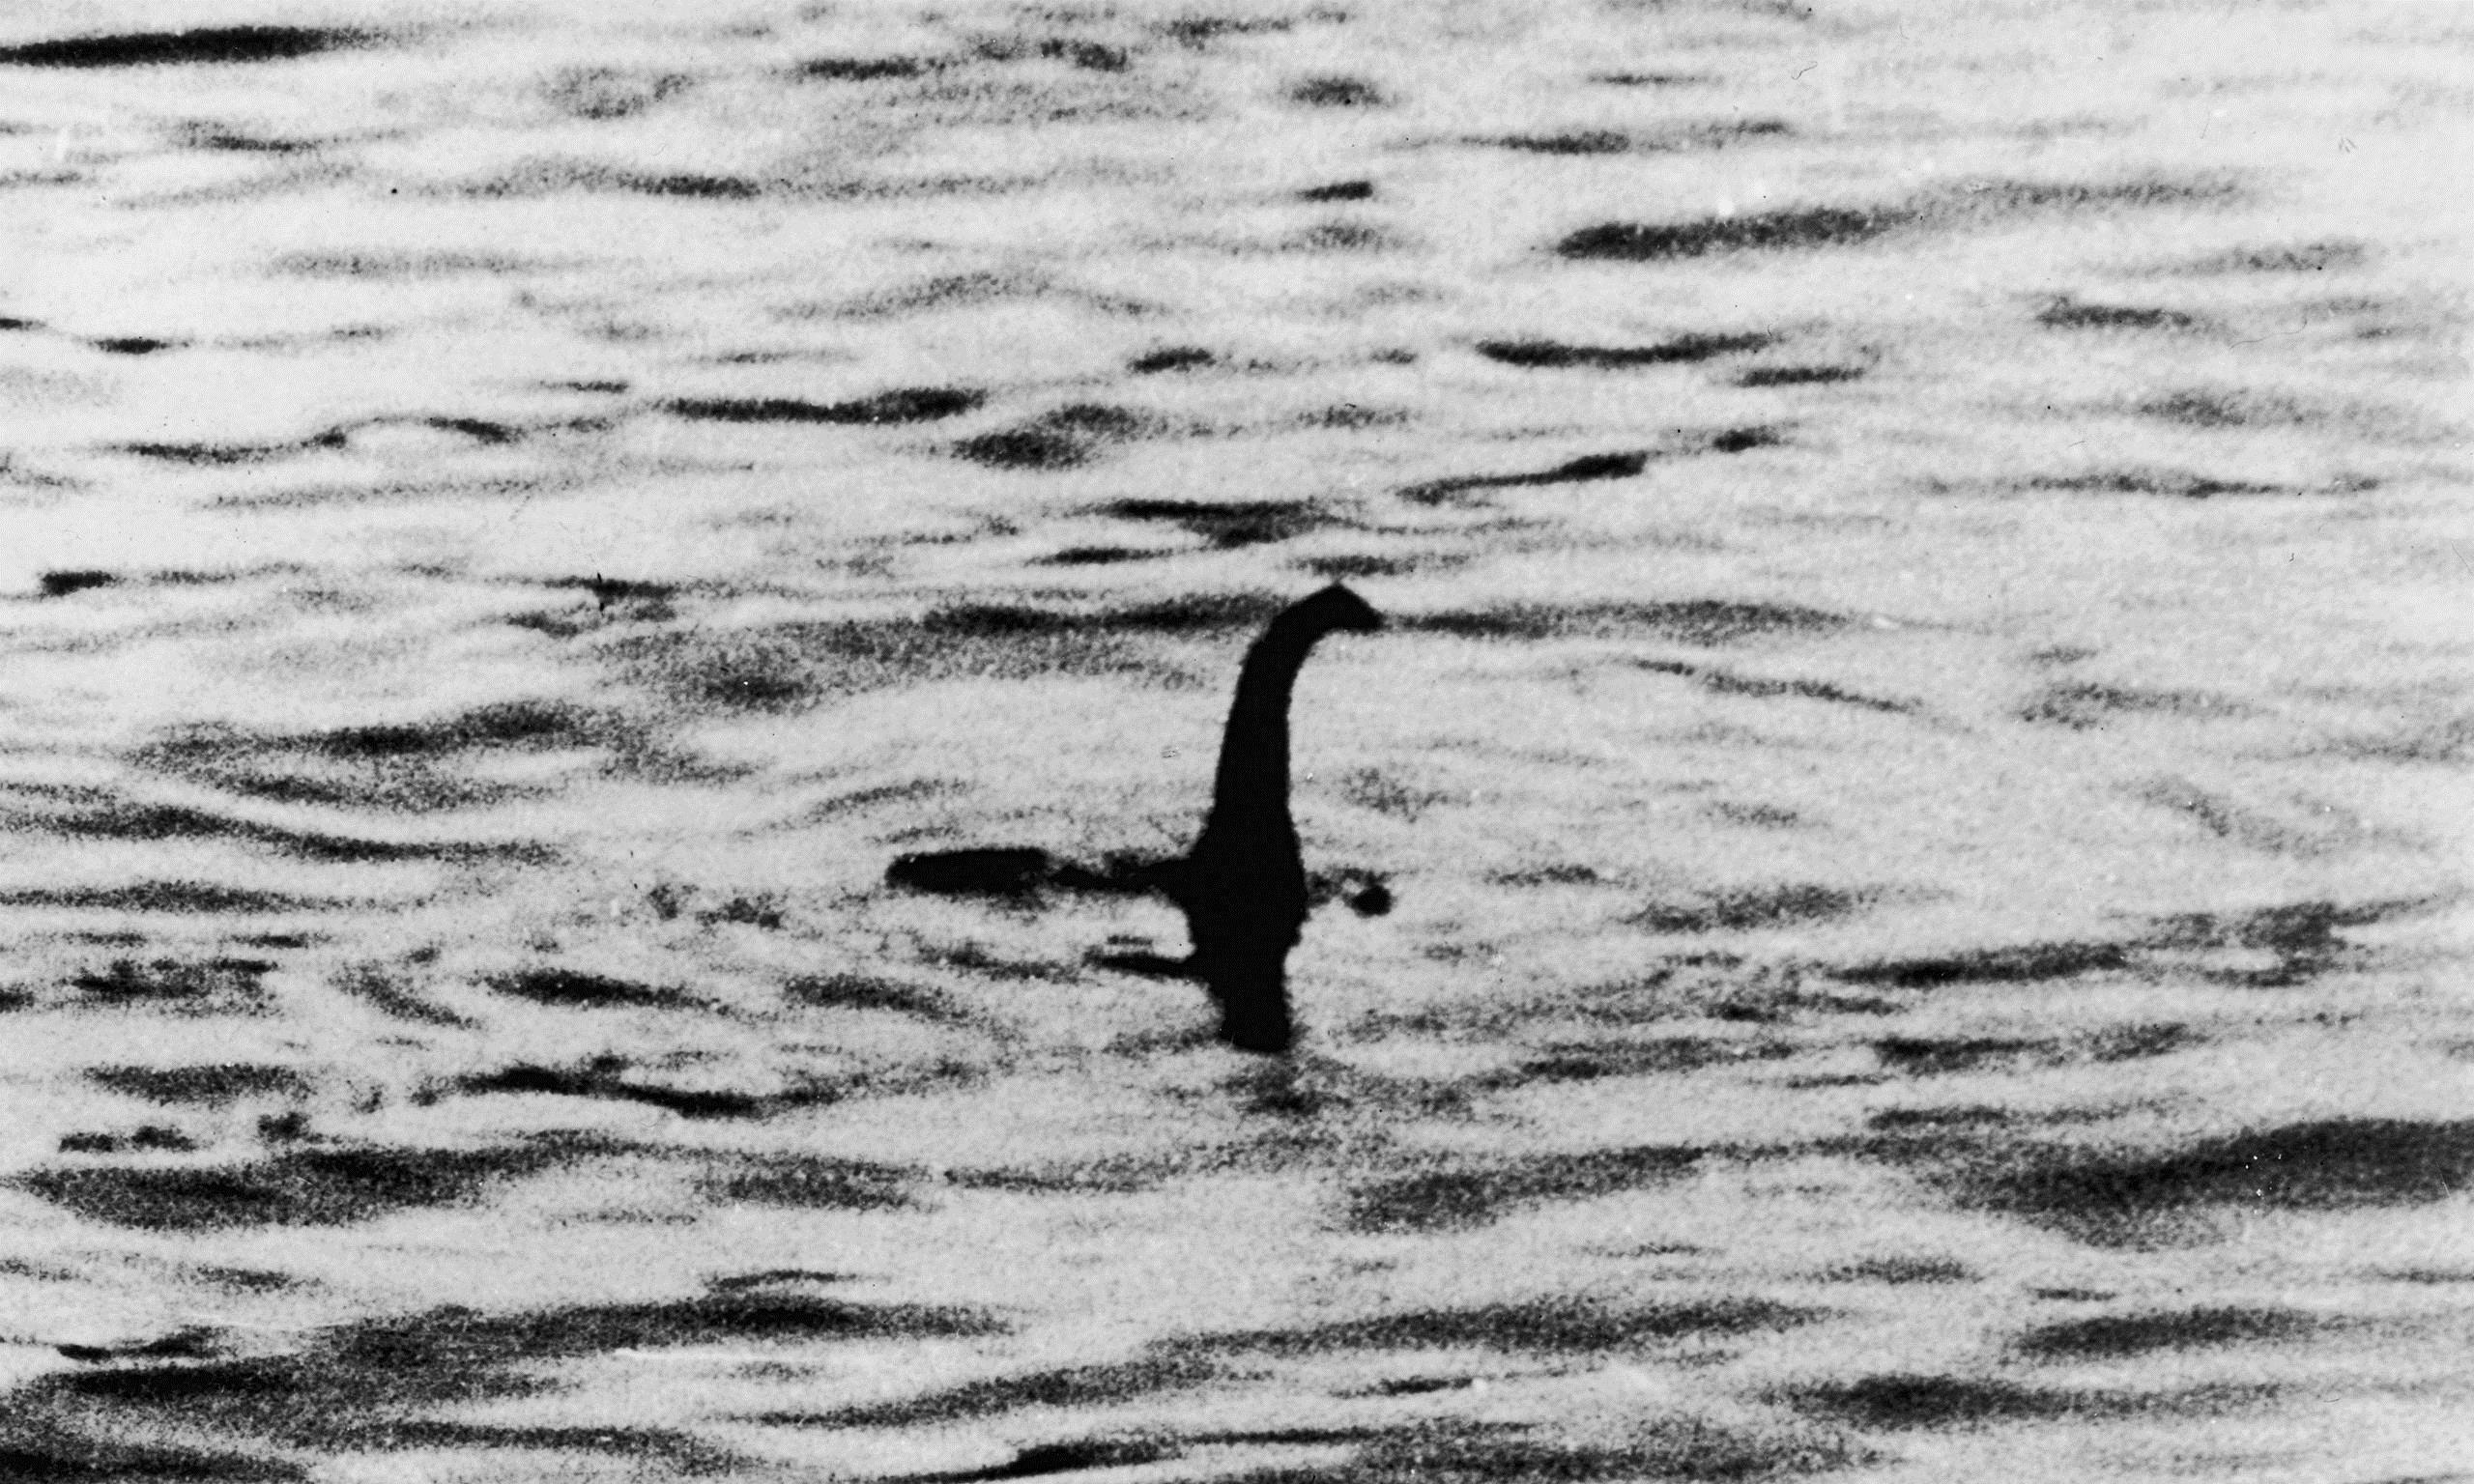 Loch Ness Monster.